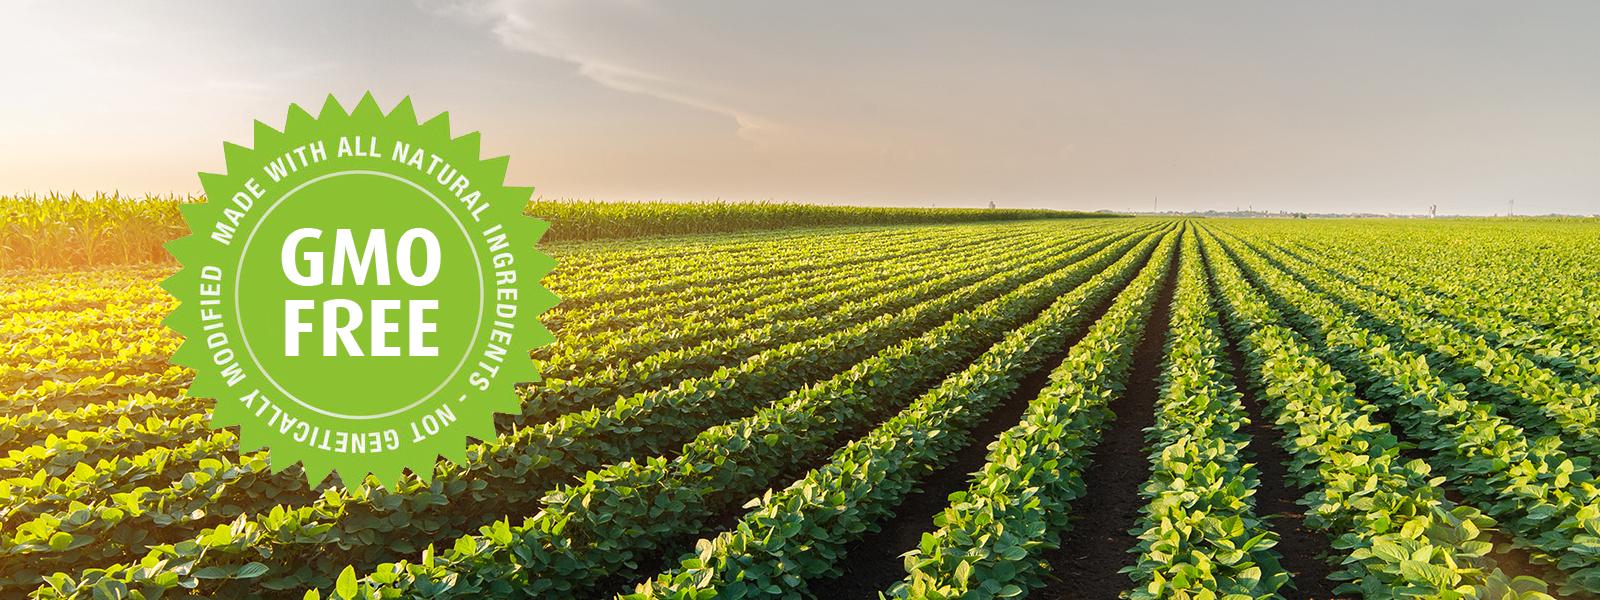 carino-ingredientes-sustentabilidade-soja-gmo-free-nao-transgenico